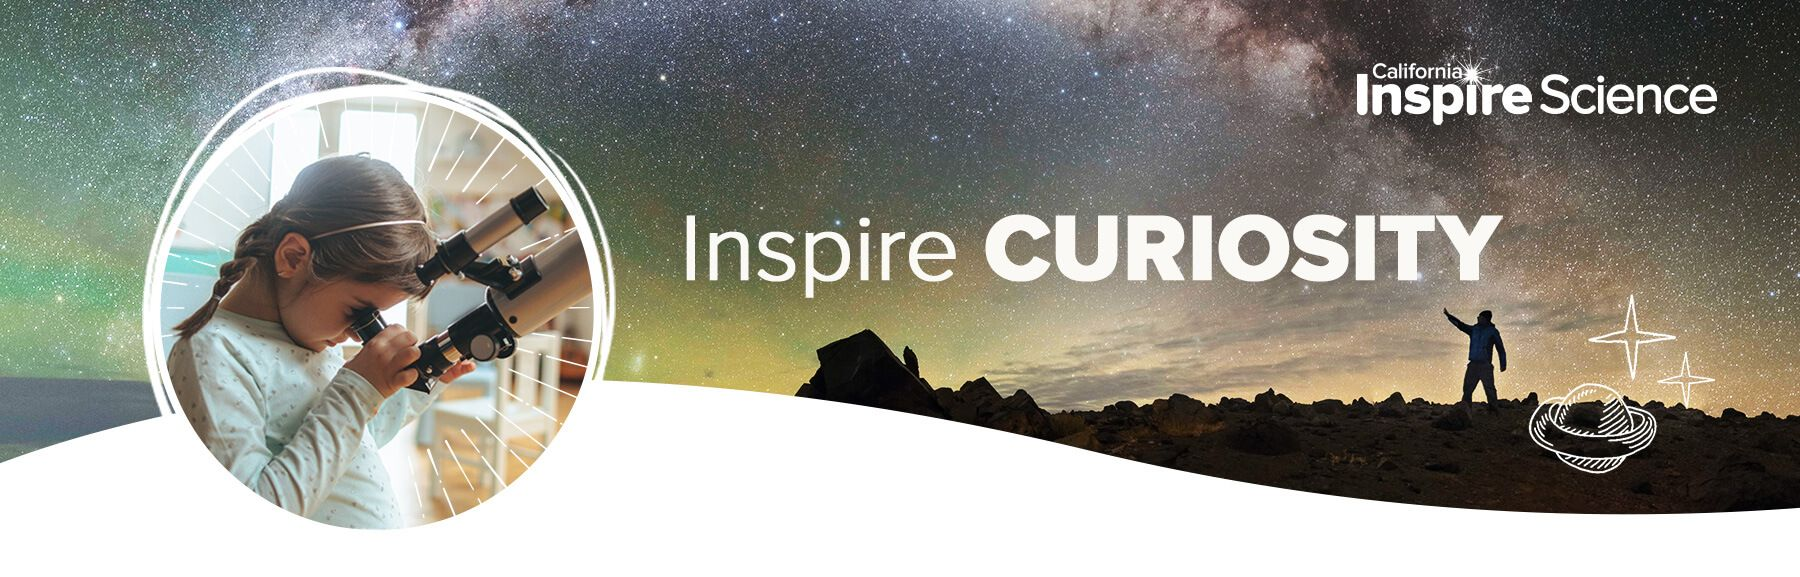 Inspire Curiosity